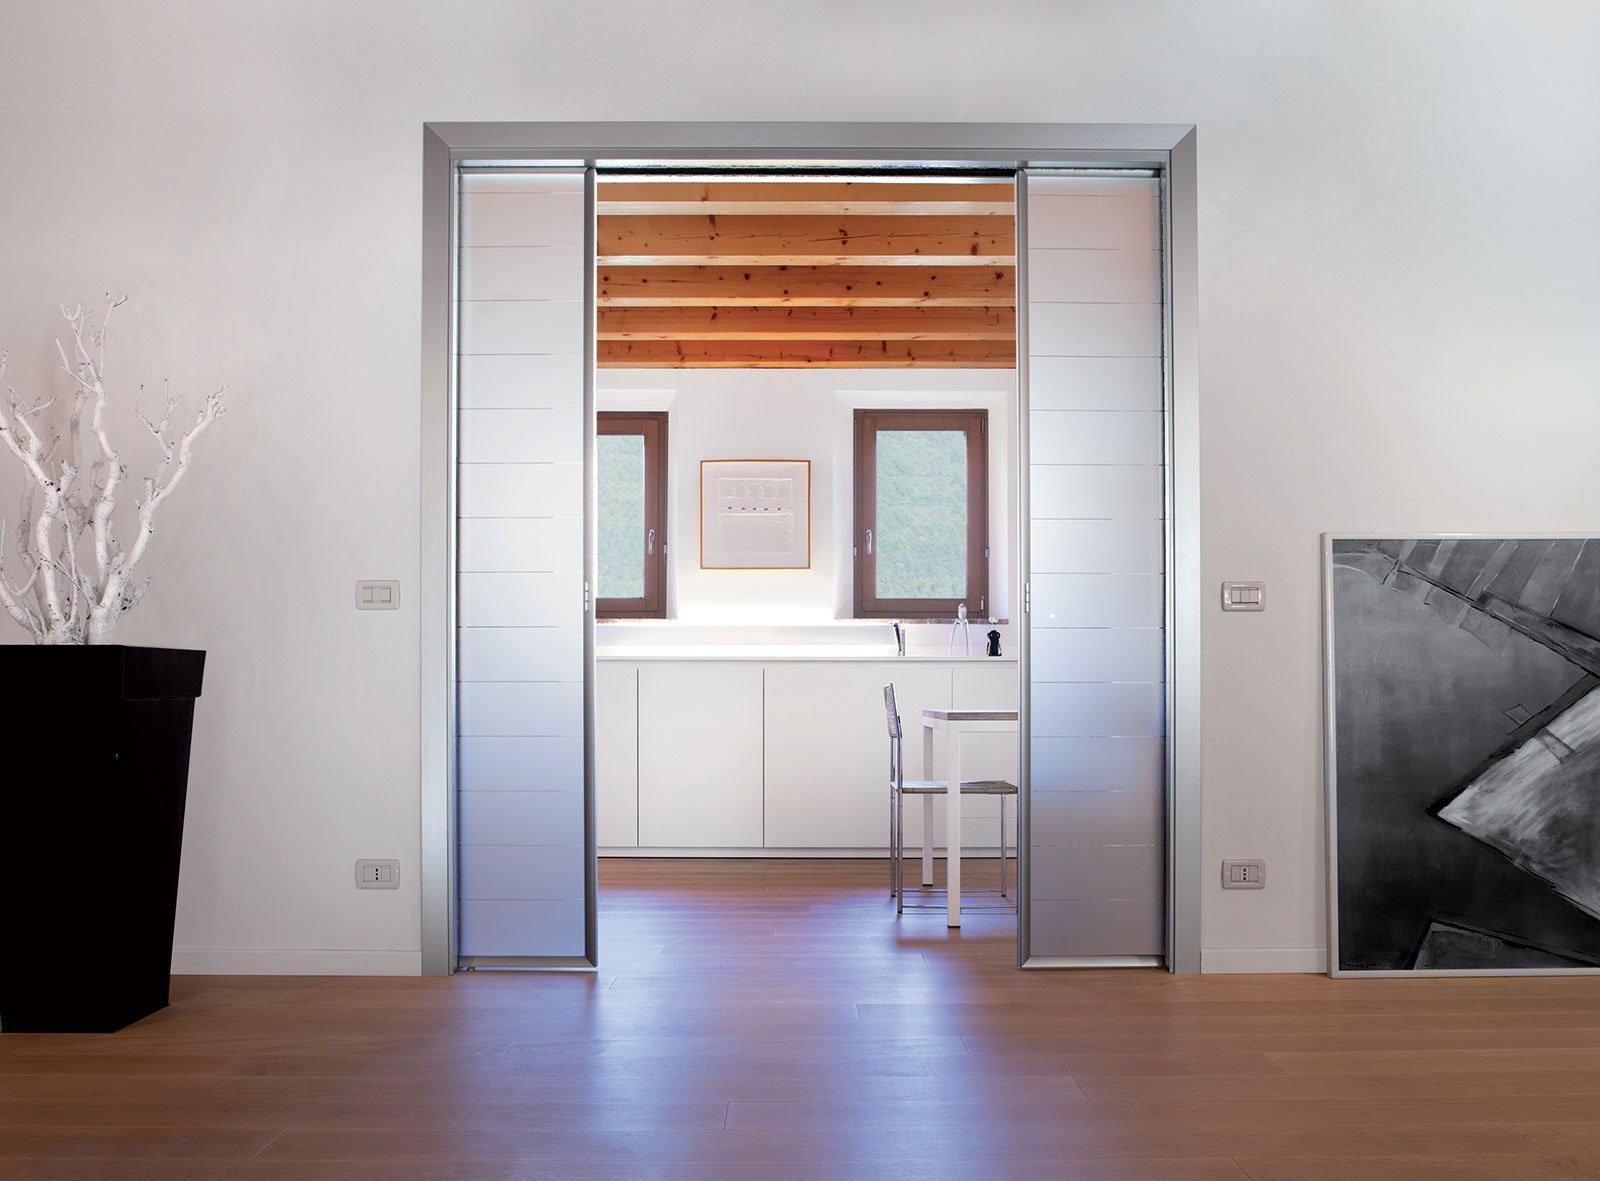 porte scorrevoli a scomparsa si pu mettere un interruttore sulla parete cose di casa. Black Bedroom Furniture Sets. Home Design Ideas